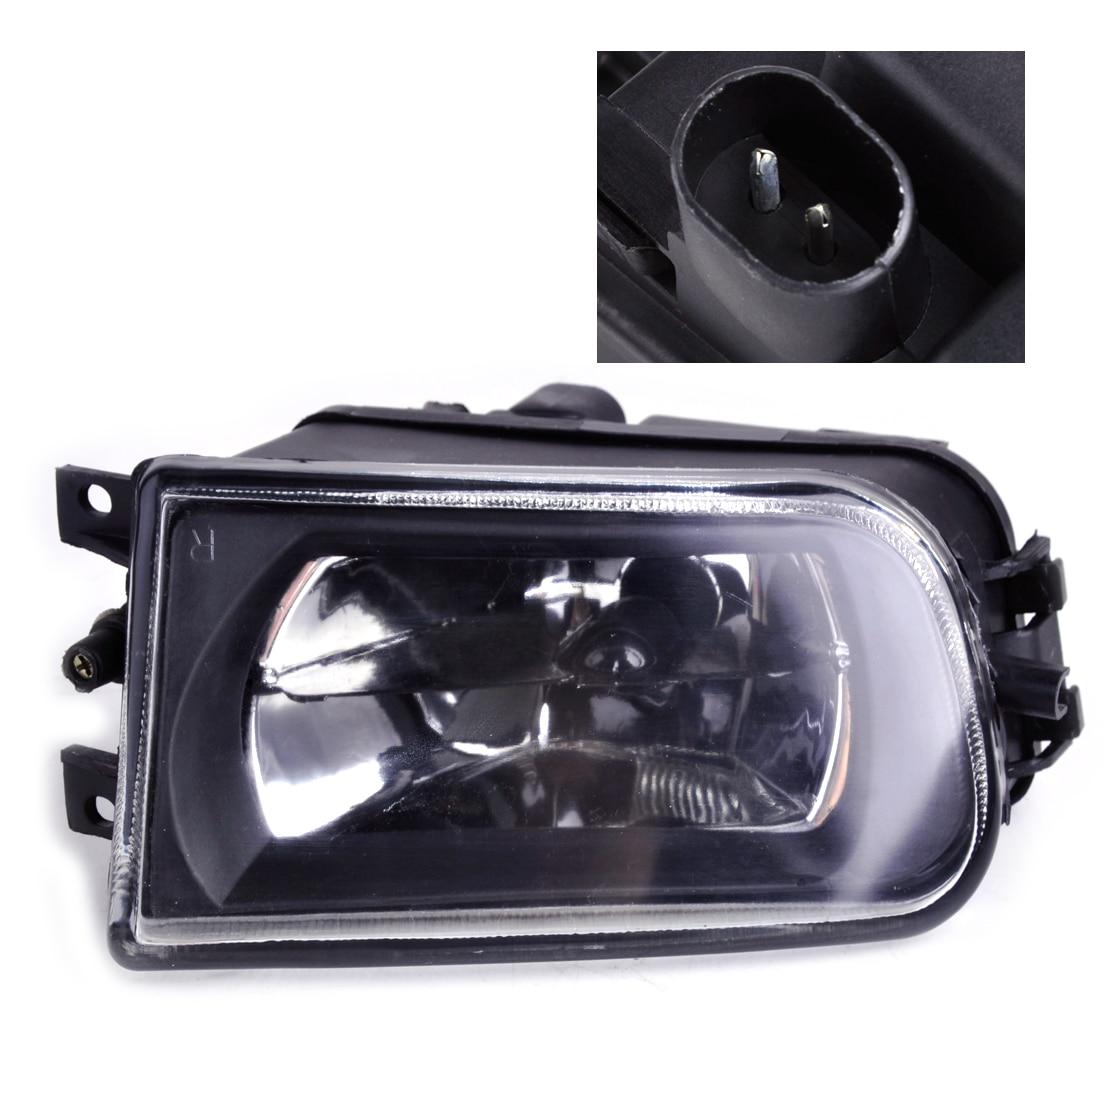 DWCX 63178360576 Right Fog Light Lamp for BMW E36 Z3 E39 5 Series 528i 540i 535i 1997 1998 1999 2000 wisengear clear lens fog lights bumper driving lamp housing for bmw e39 5 series 528i 540i 1997 2000 z3 1997 2001 car styling